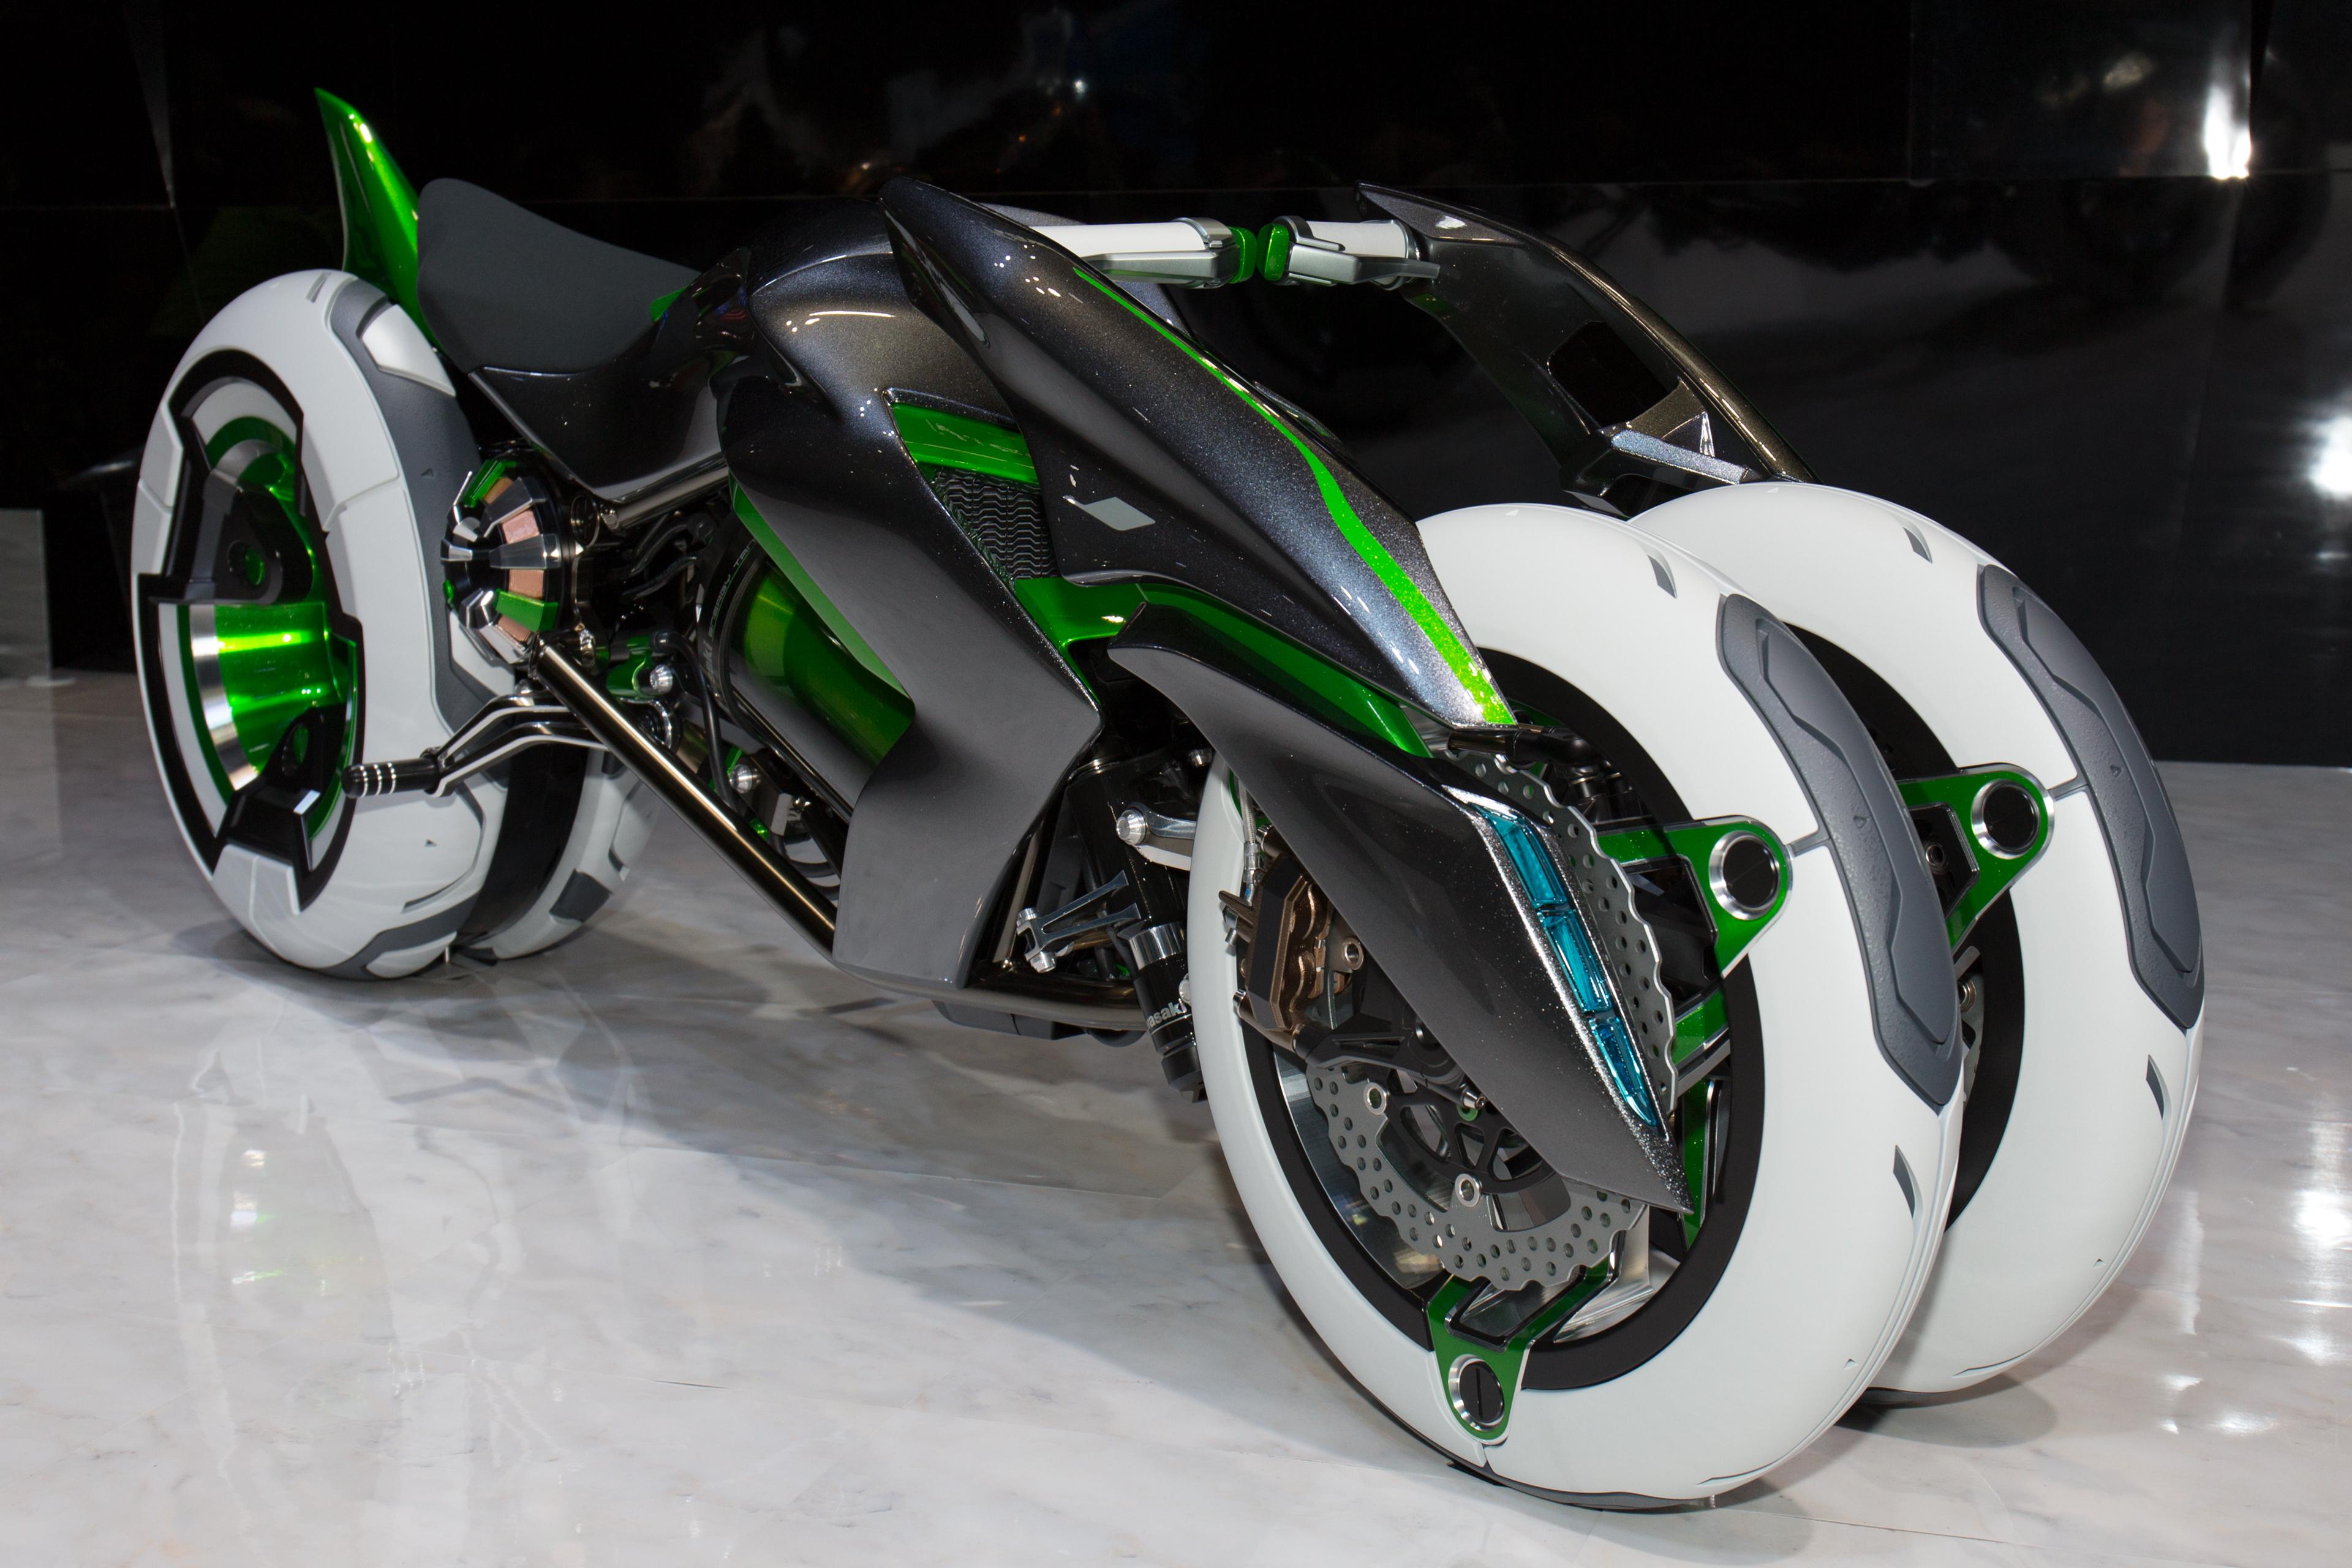 motos yamaha tuning